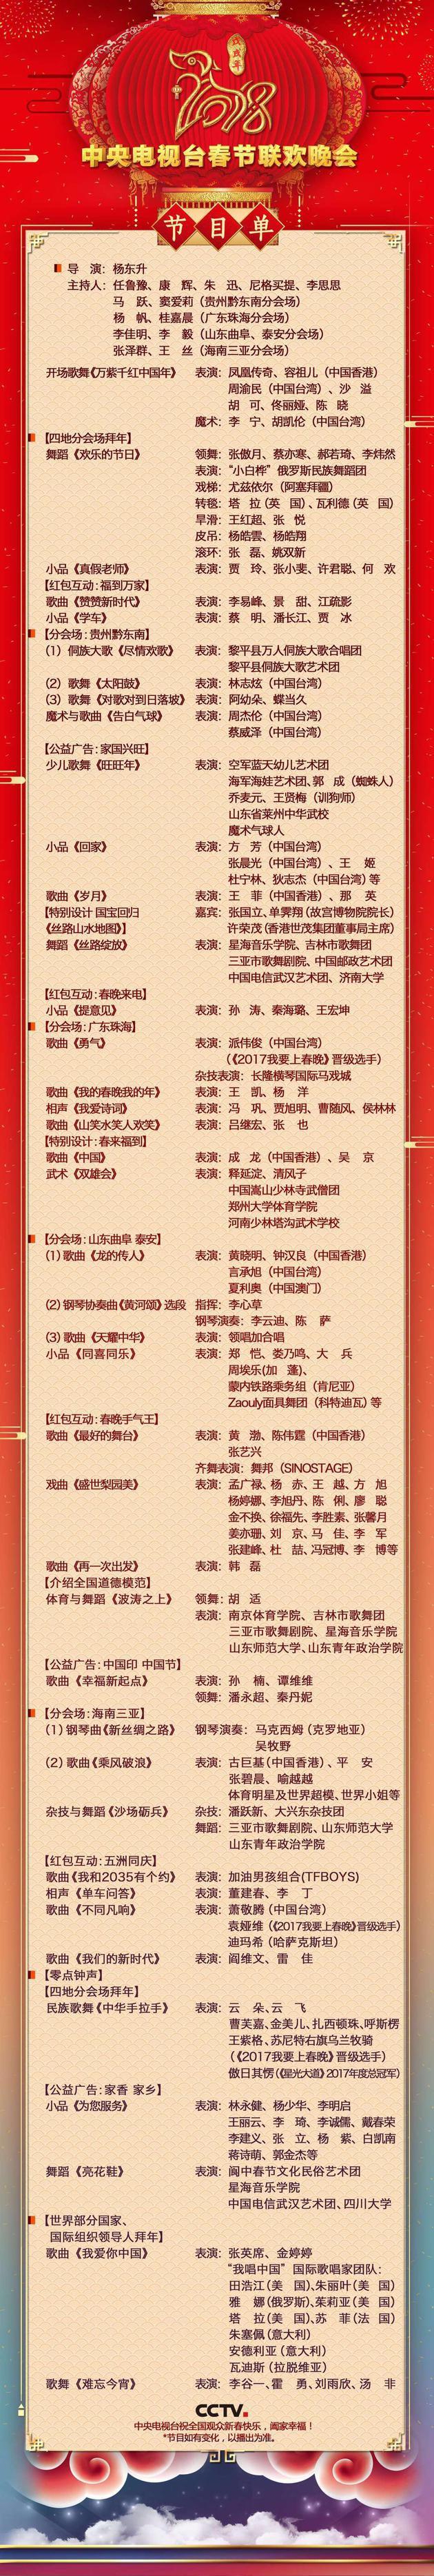 春晚节目单看点揭秘:蔡明提及鹿晗 杨洋王凯催泪